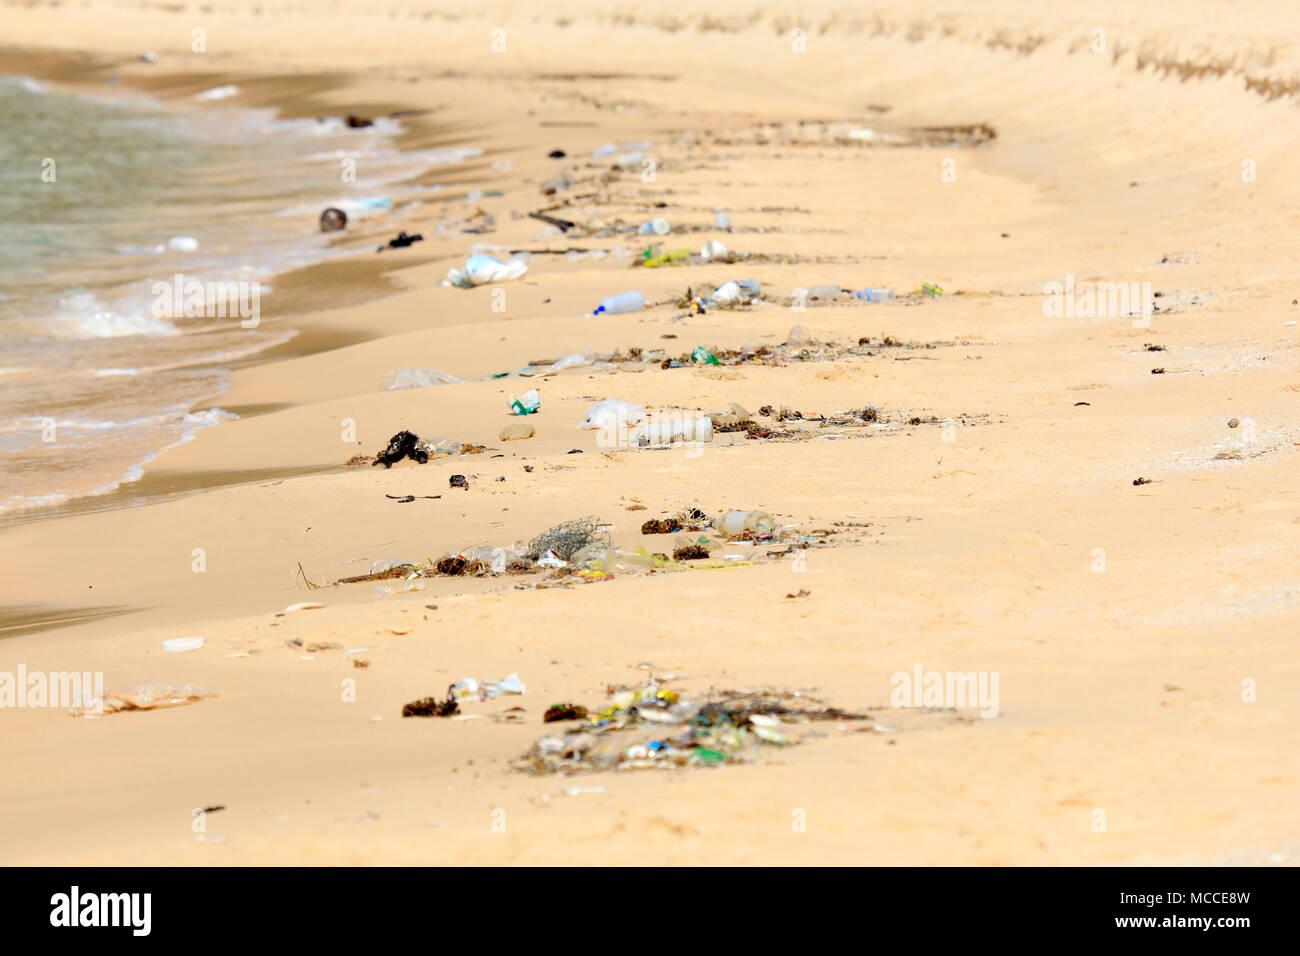 Contaminación plástica en una playa turística de Camboya Imagen De Stock